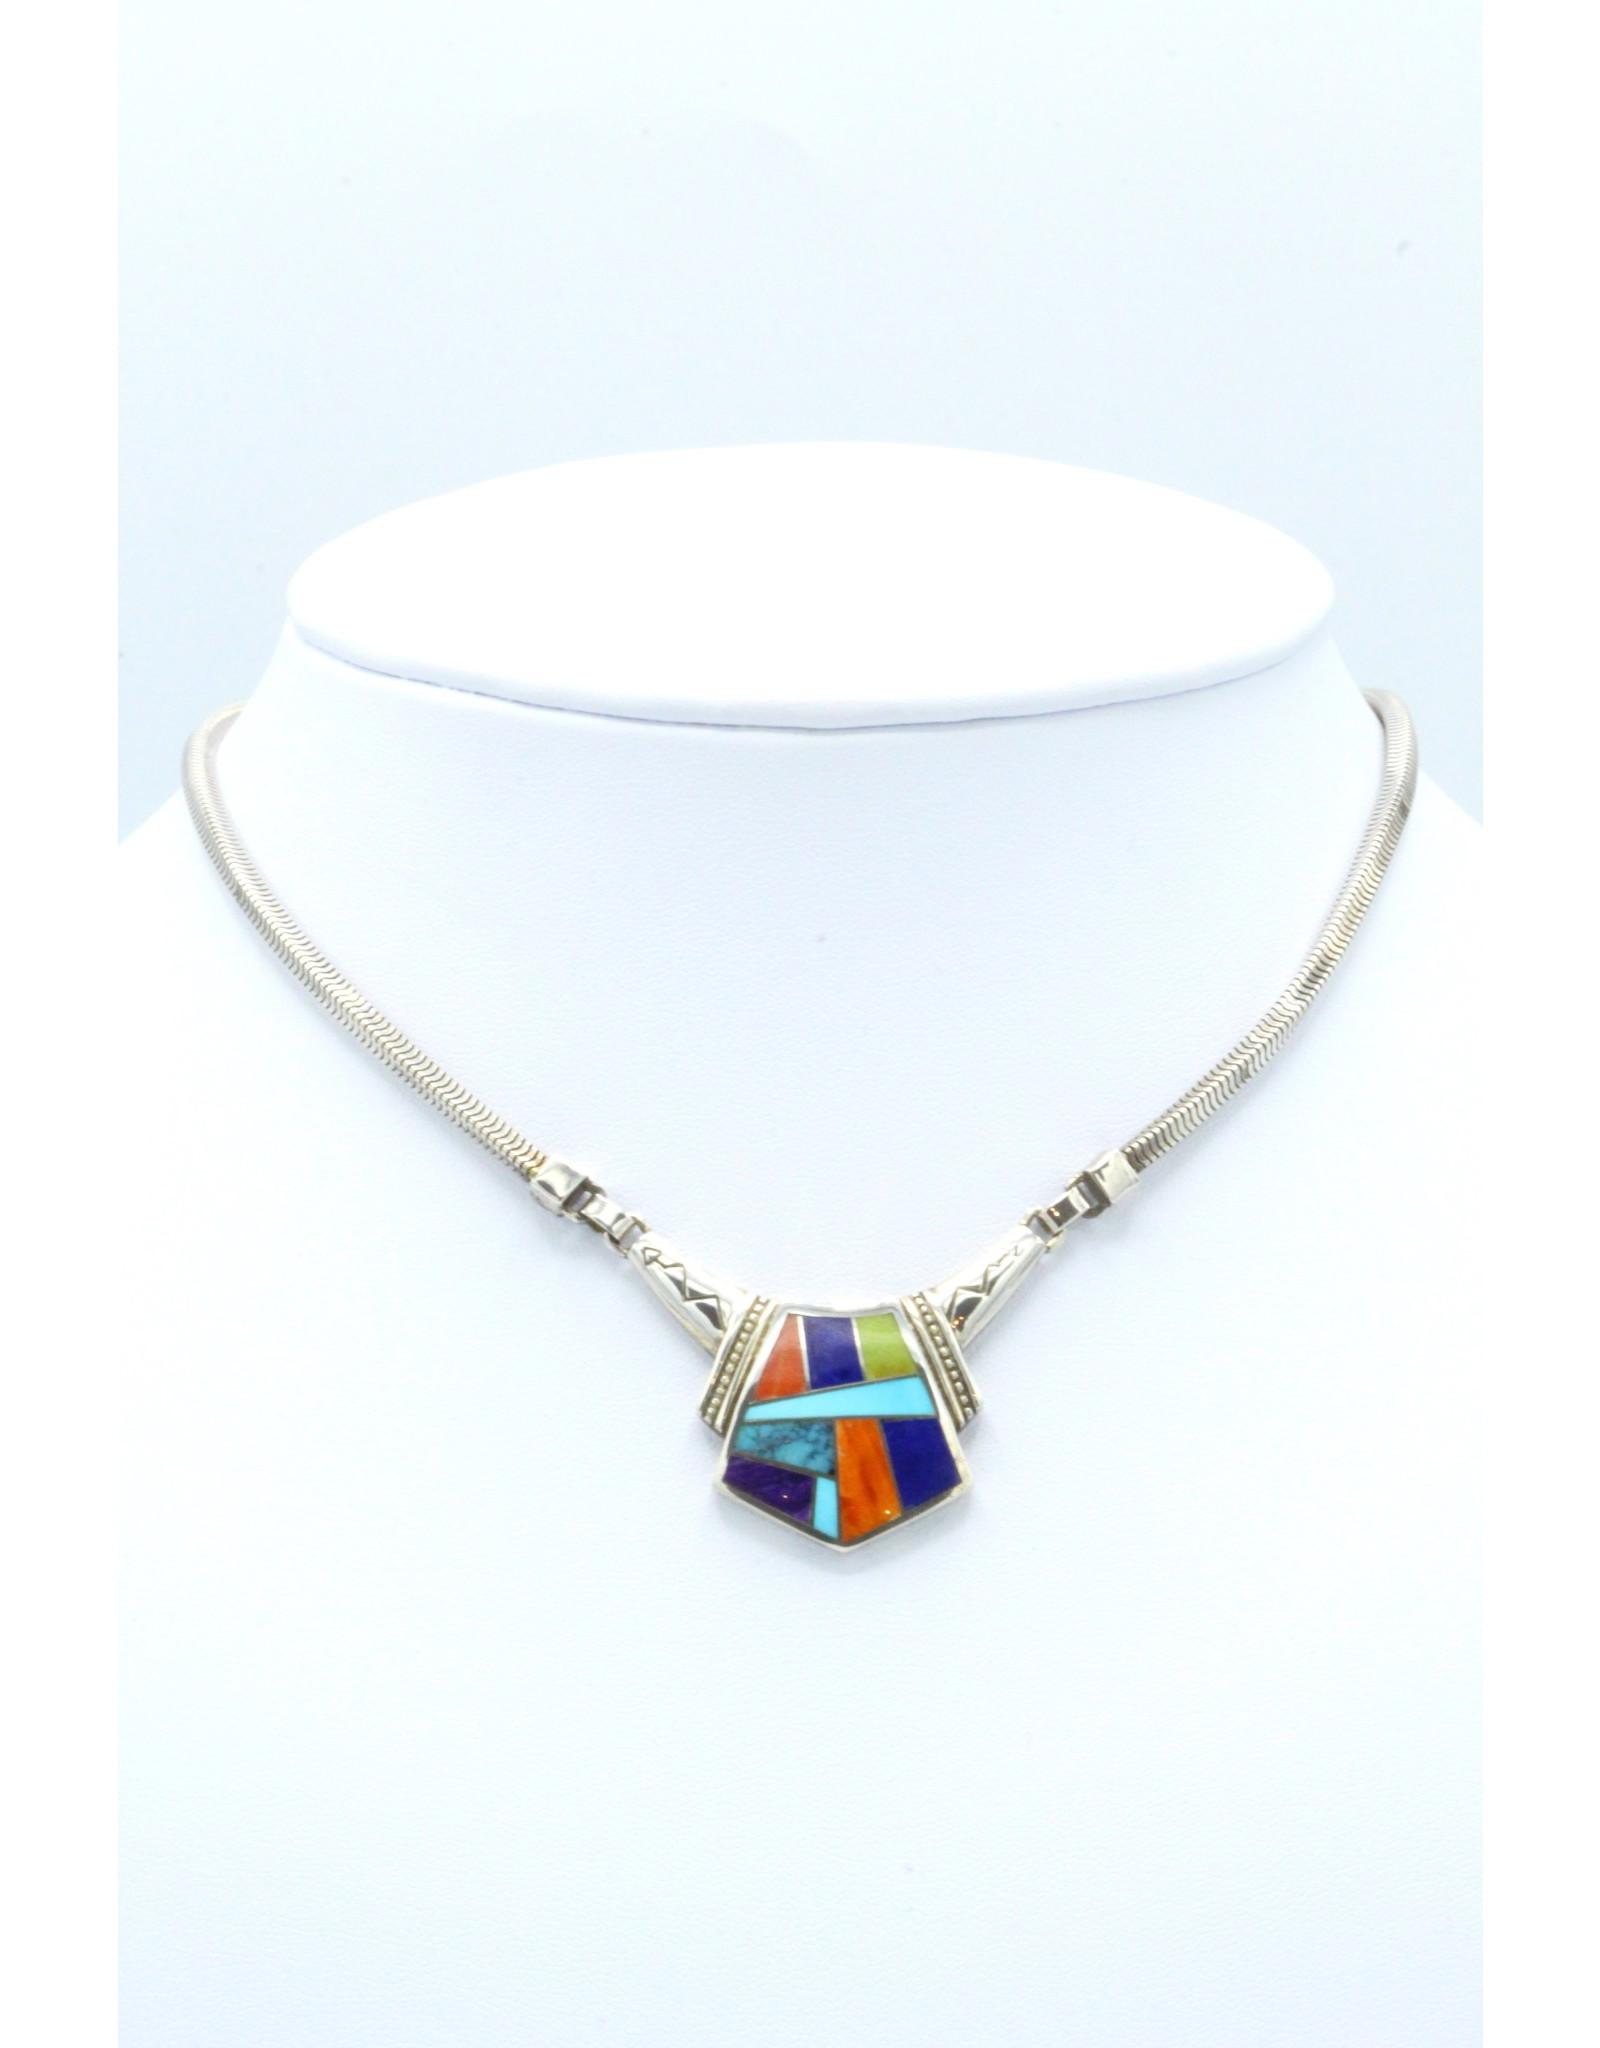 Navajo Necklace -N151-3